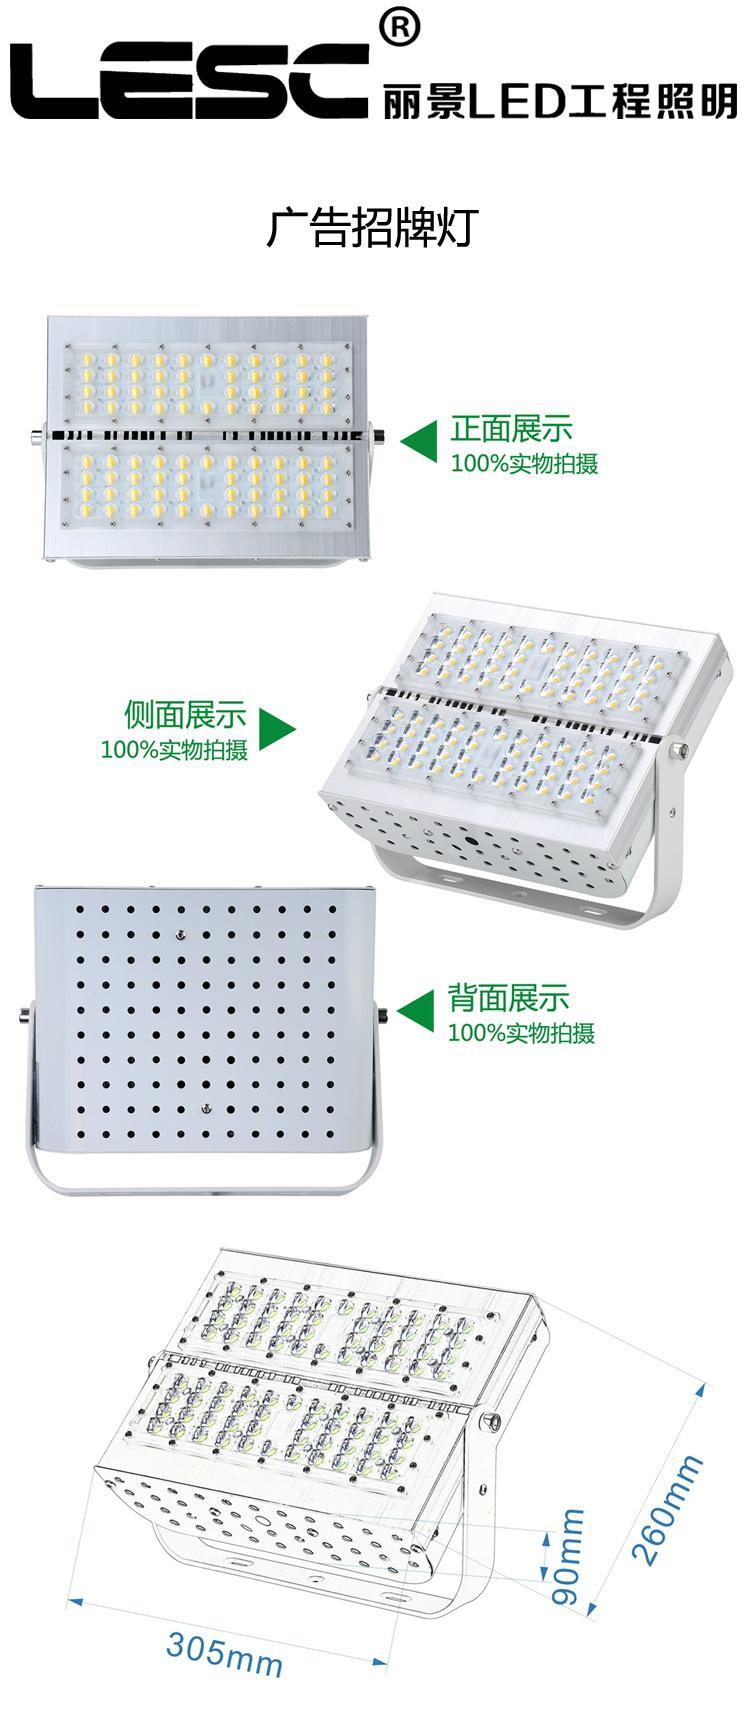 深圳廠家生產LED廣告招牌燈投光燈窄光束聚光燈 5